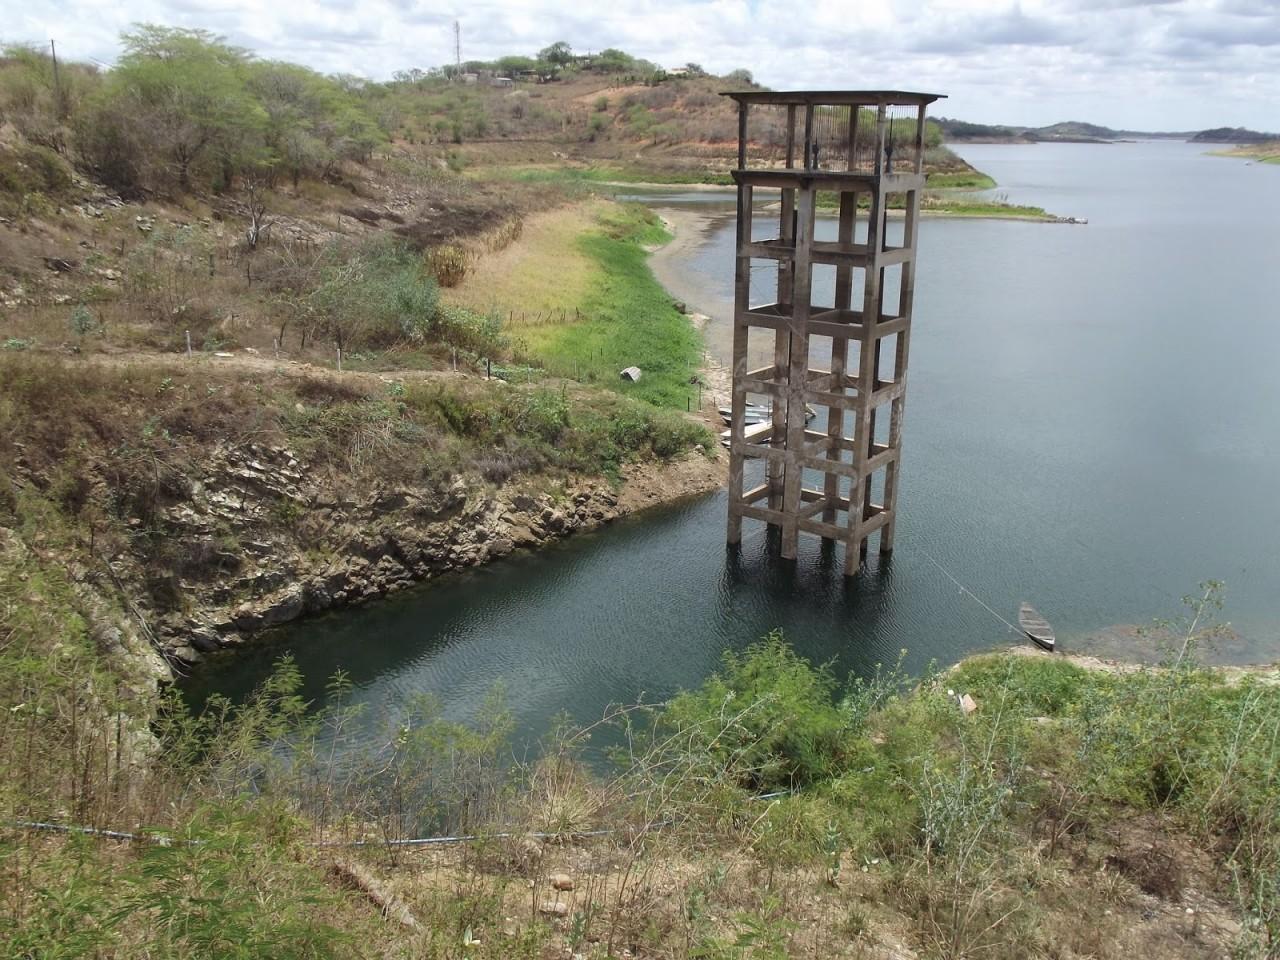 boqueirao - Pesquisa prevê crise no abastecimento de água de CG nos próximos 10 anos